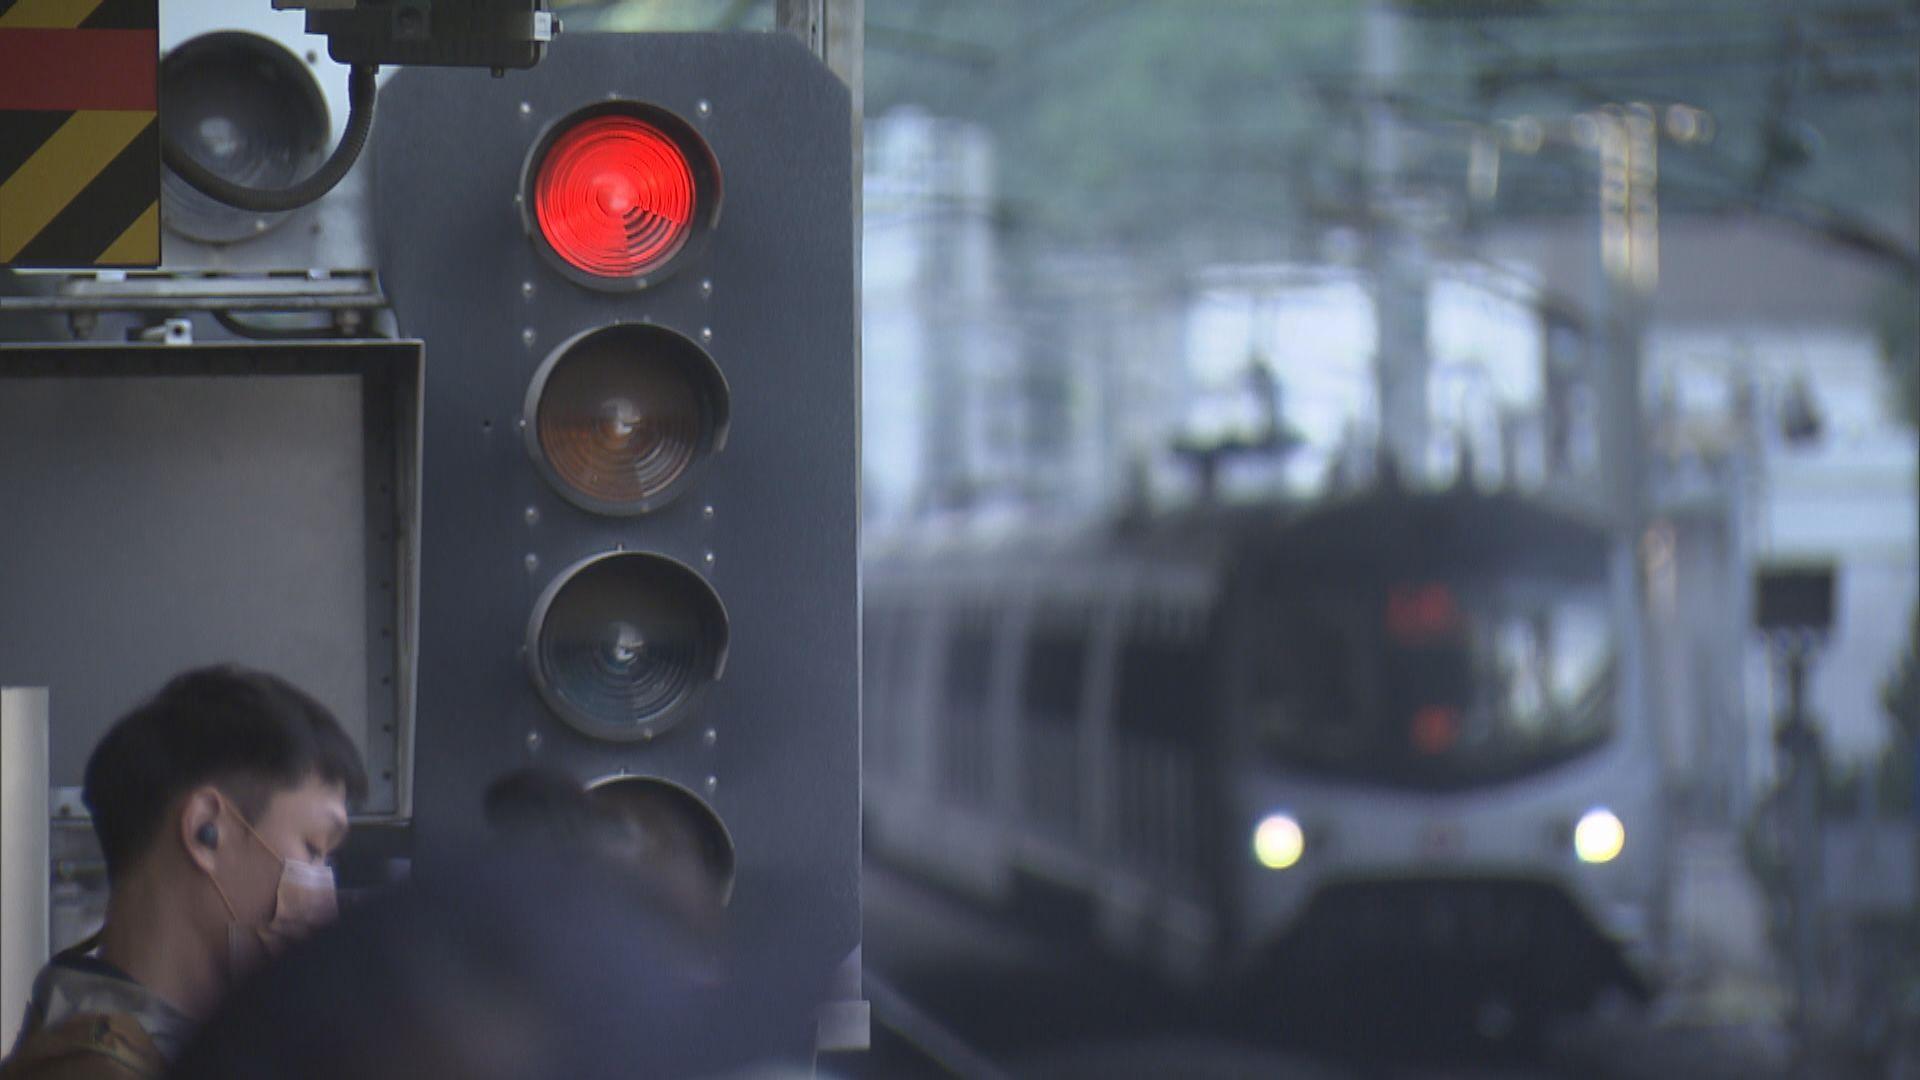 港鐵:東鐵綫假衝燈次數近日減少 不影響列車安全